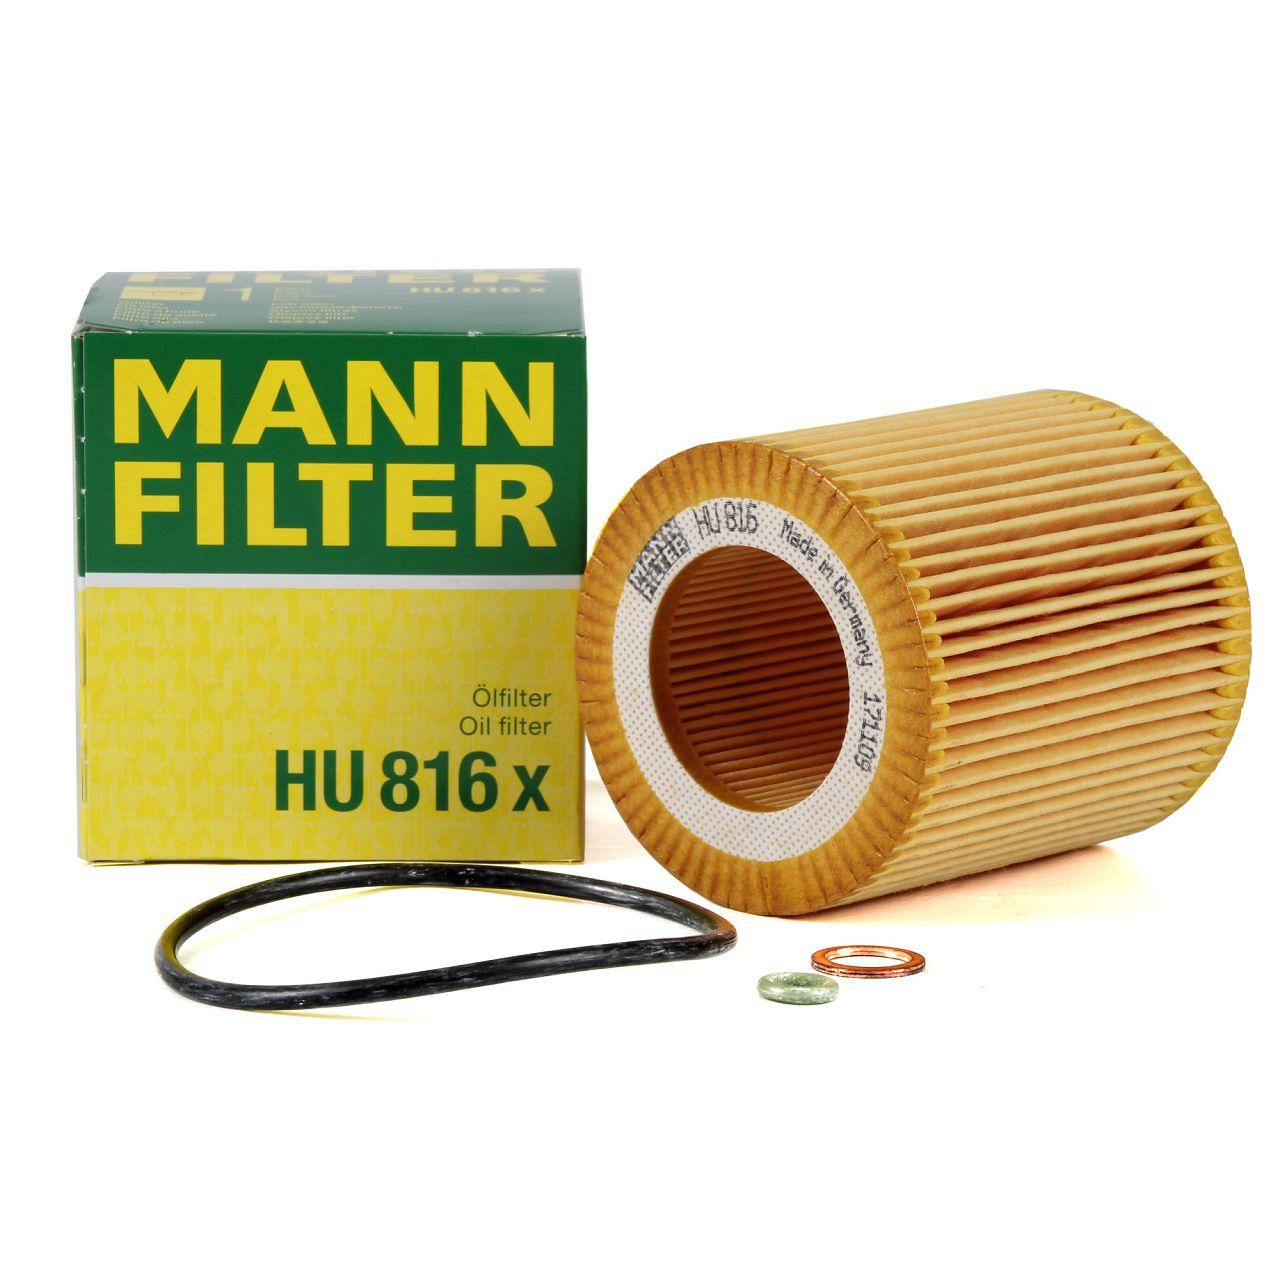 MANN Ölfilter HU816x für BMW 1er 2er 3er 4er 5er 6er 7er X1 X3 X4 X5 X6 Z4